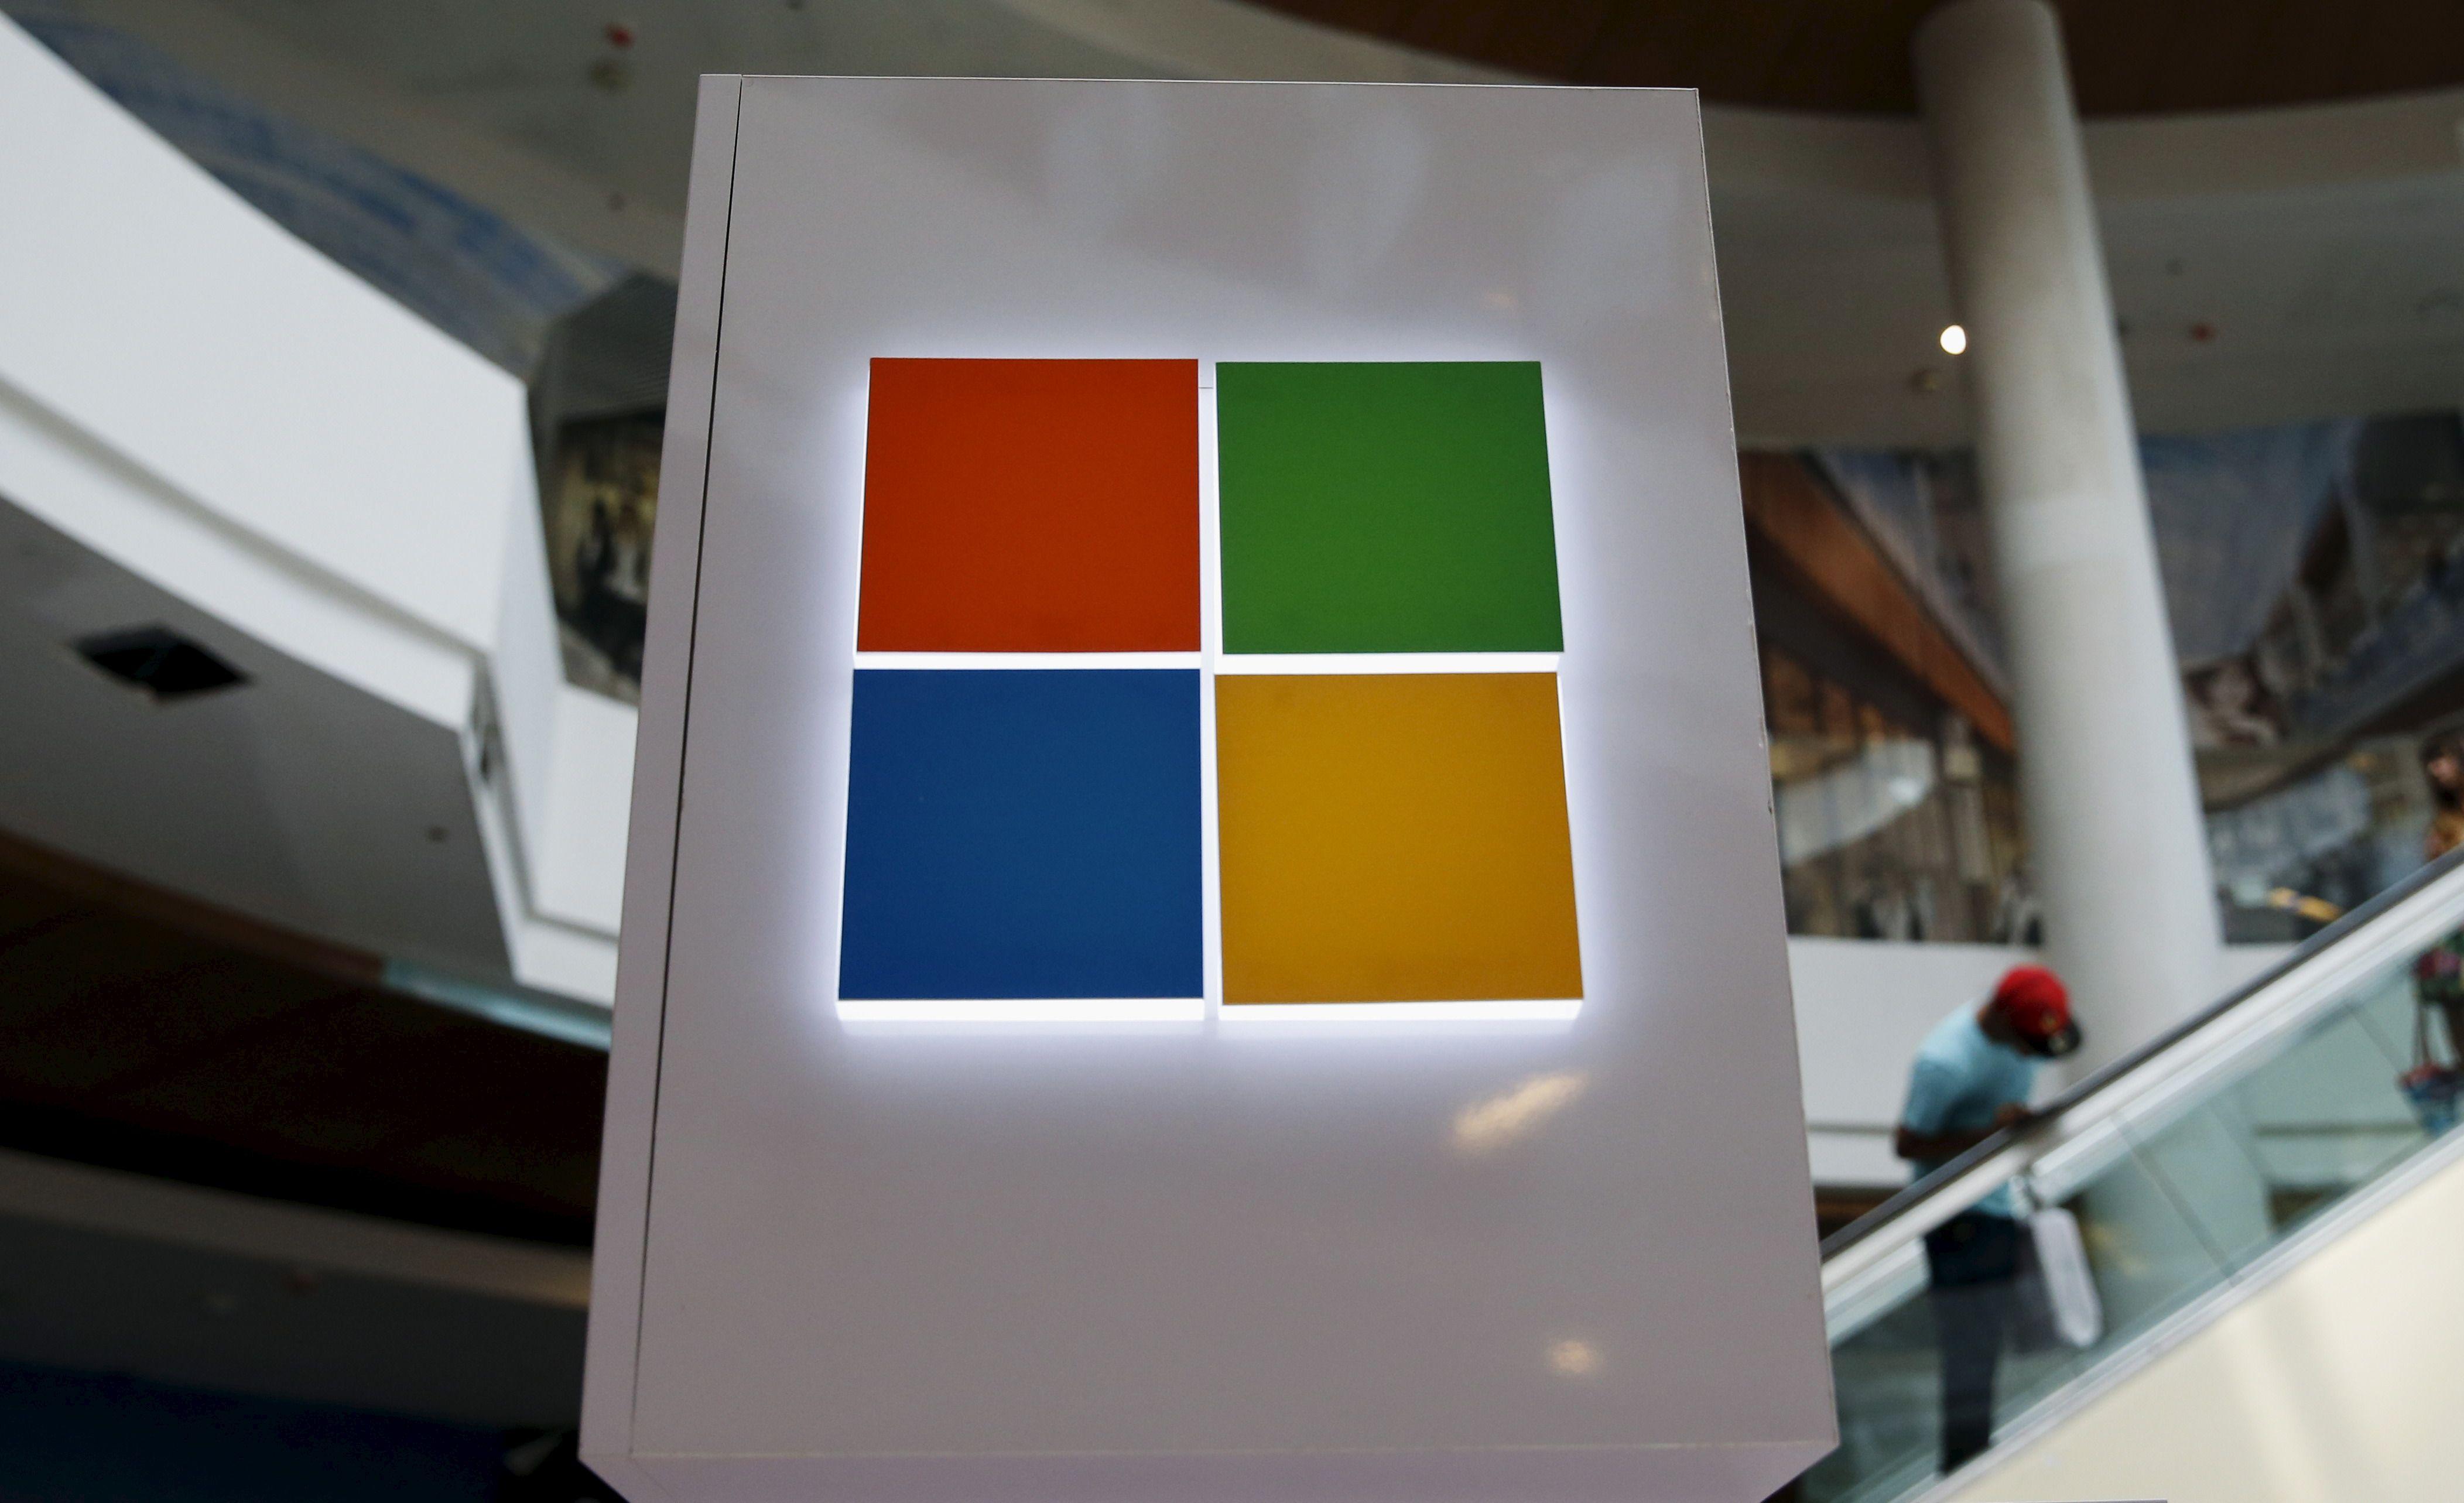 La très grosse faille de sécurité Windows qui aurait vite pu tourner au cauchemar